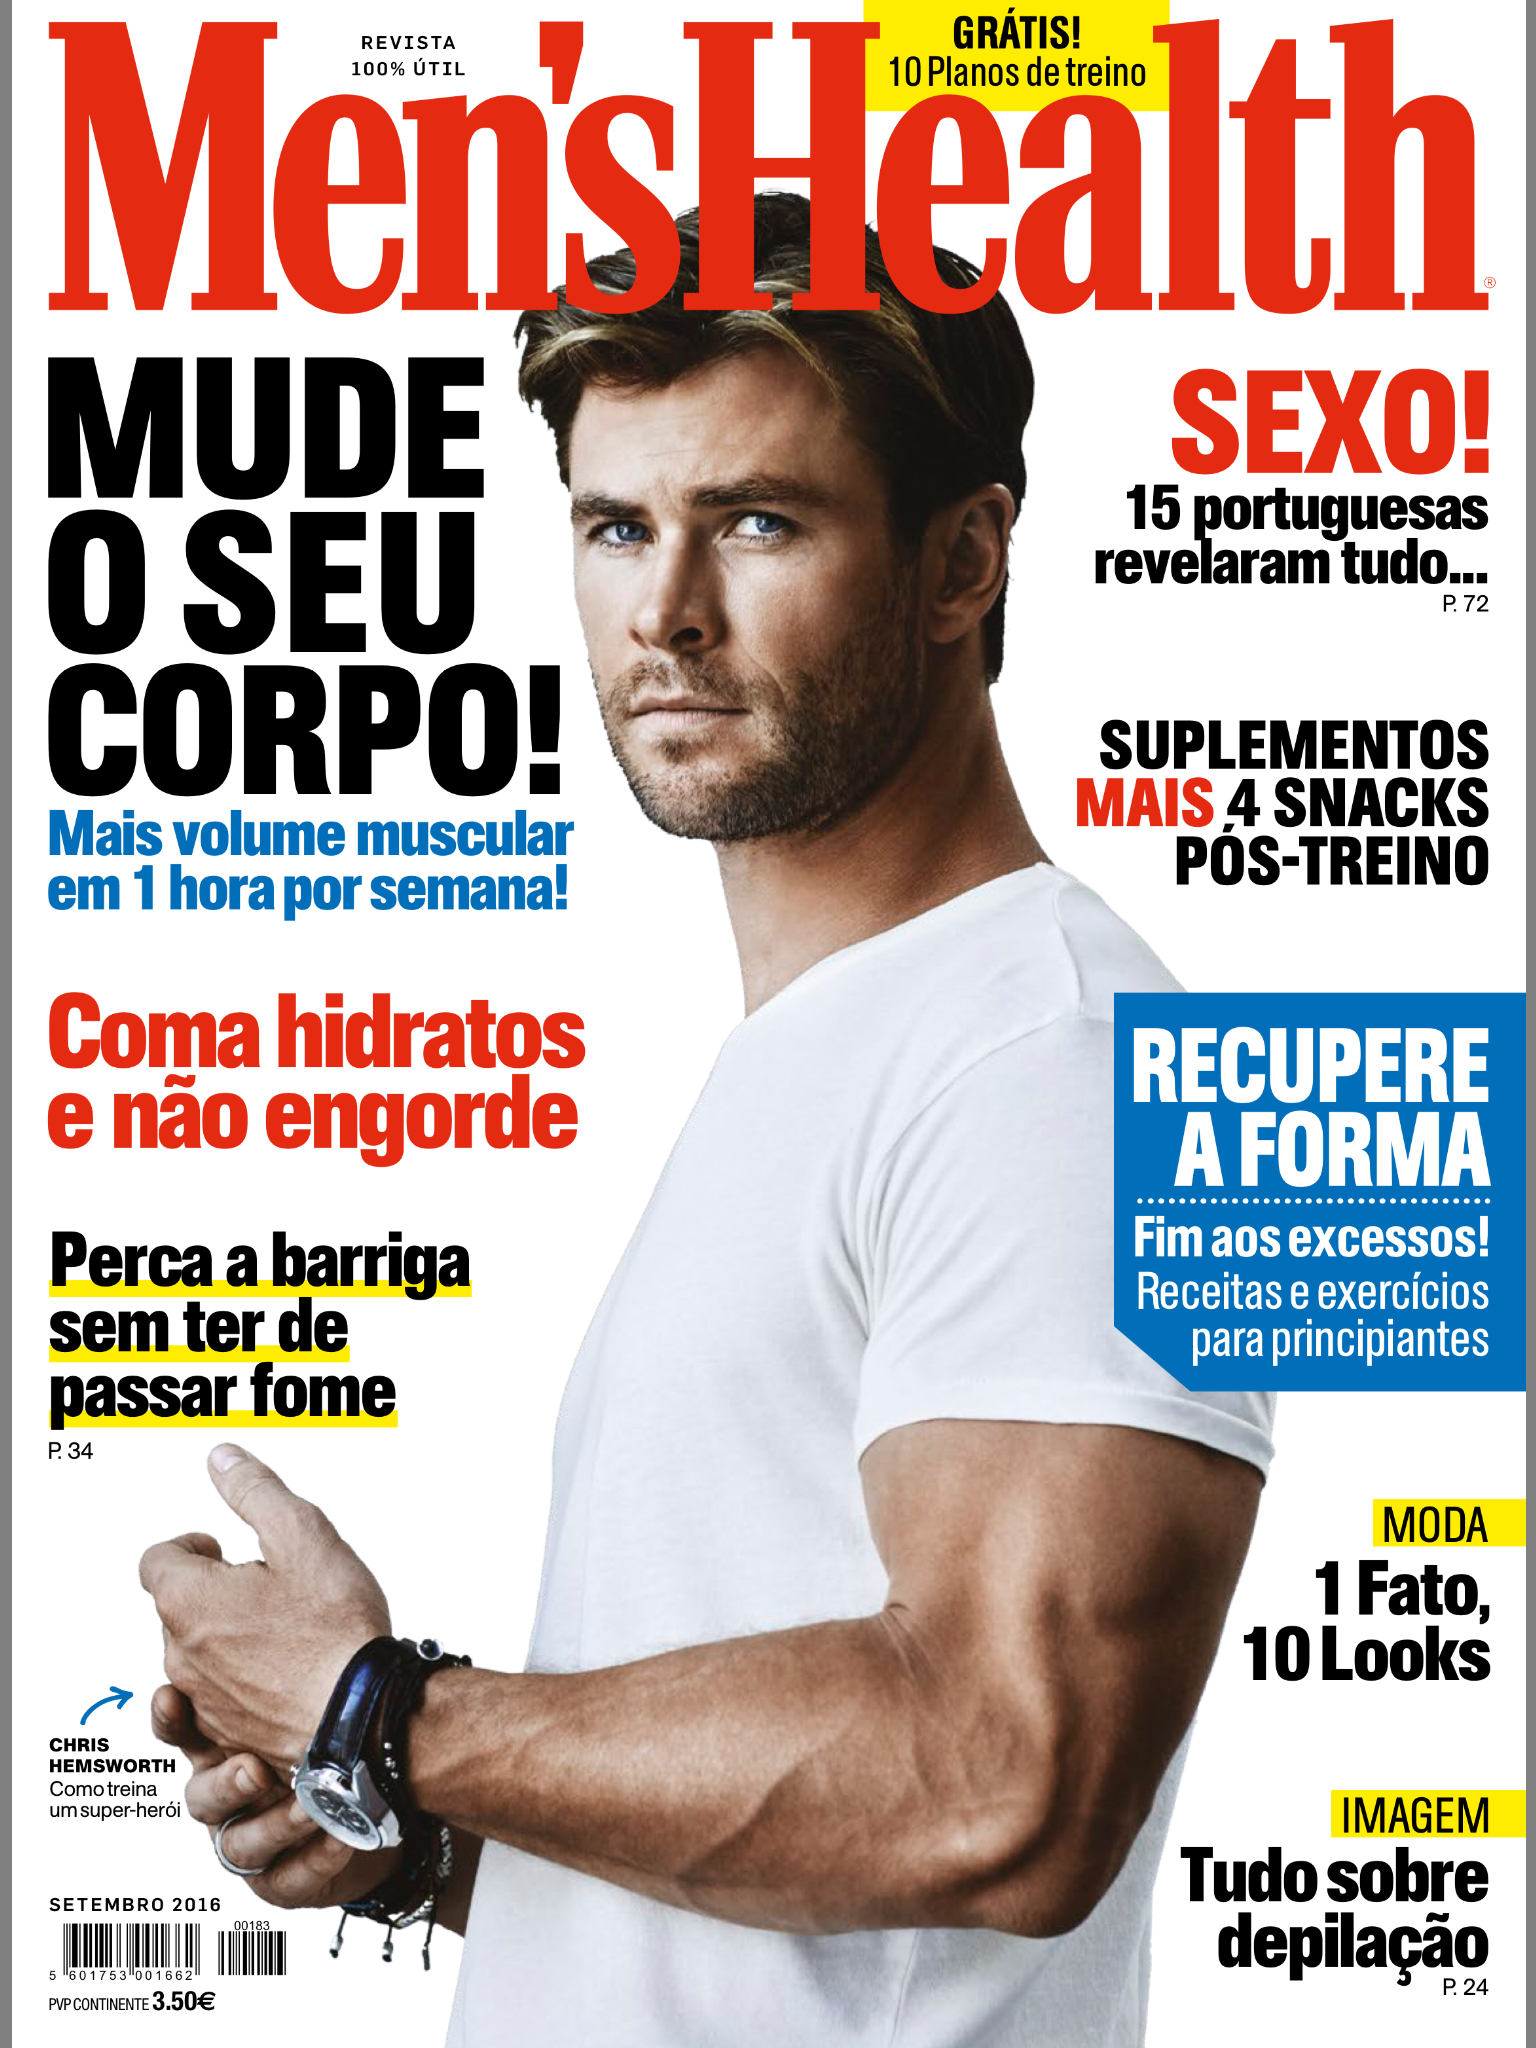 Men's Health Portugal Cover September 2016